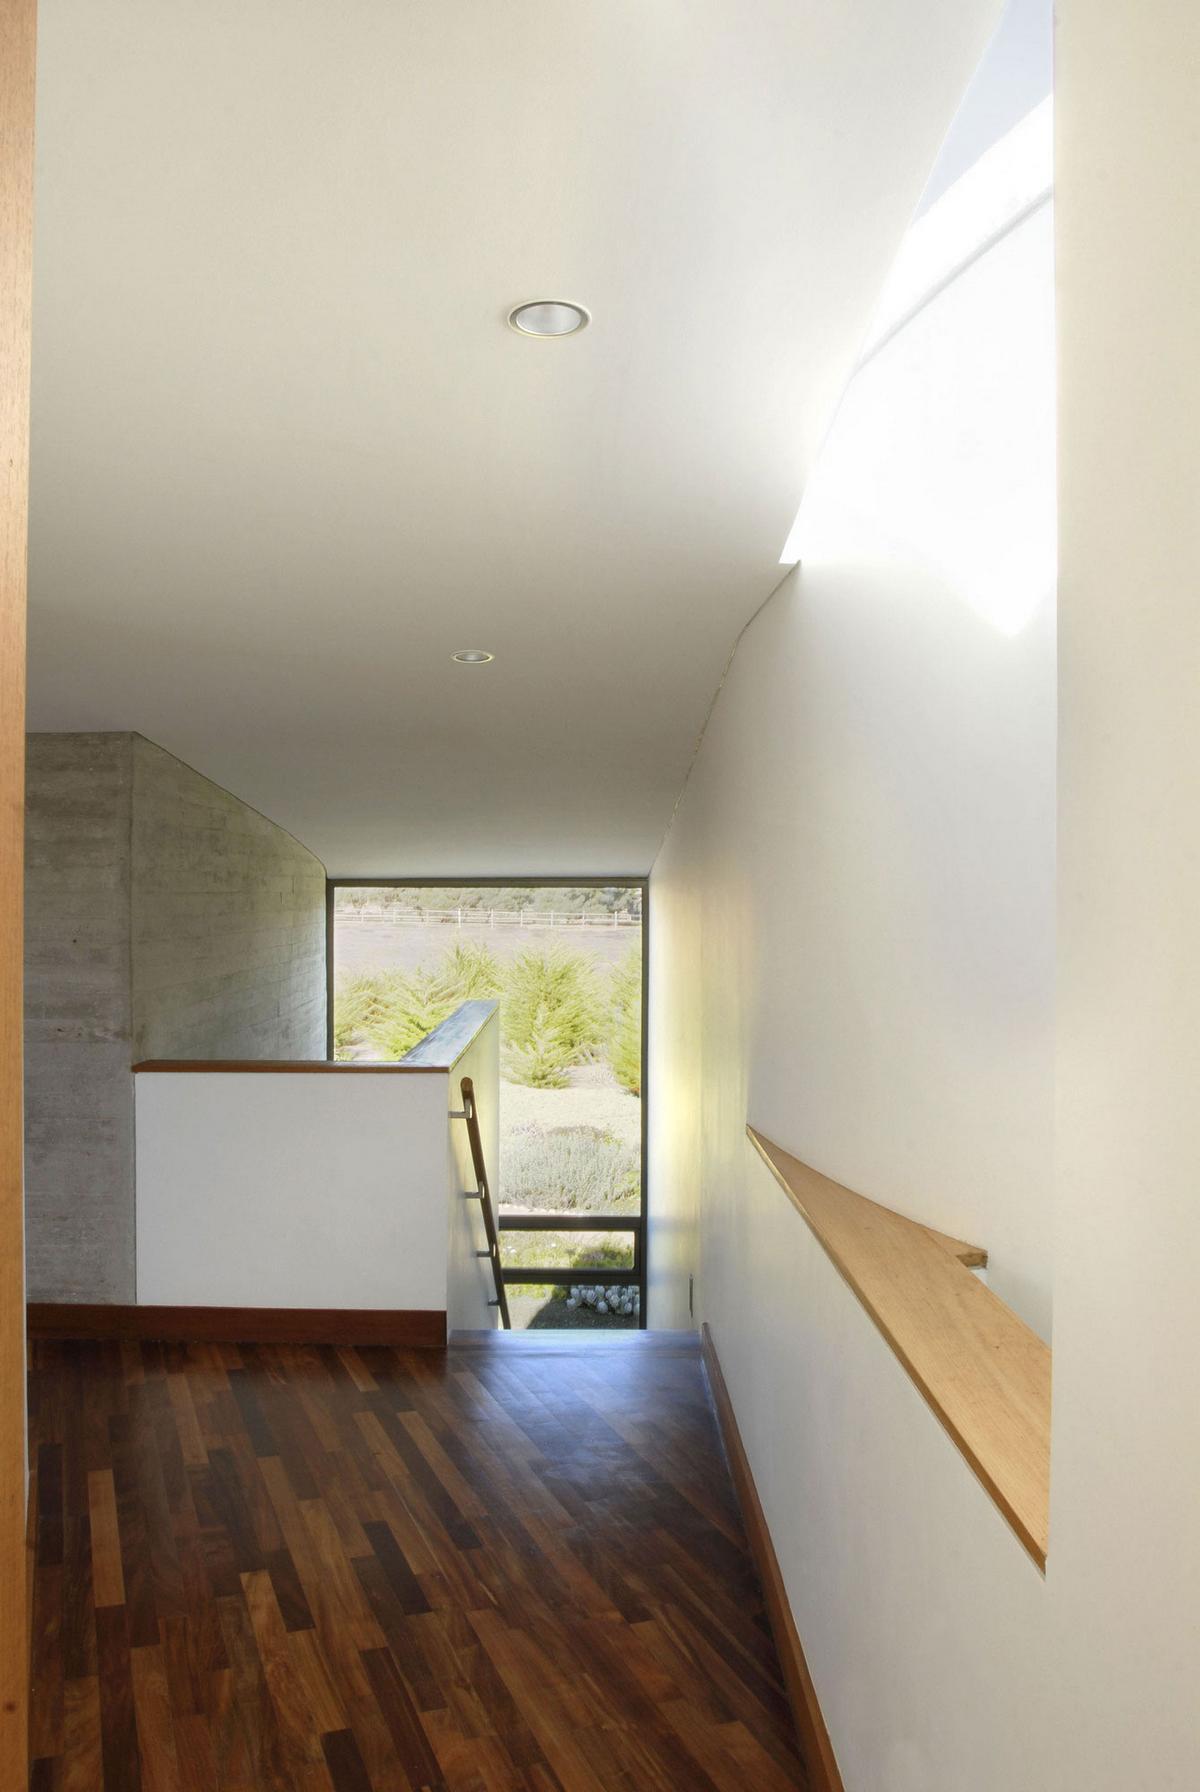 DX Arquitectos, частный дом в Кокимбо, дома в Чили, дом на берегу Тихого океана, вид на океан из частного дома, терраса с видом на океан, German Alzerreca